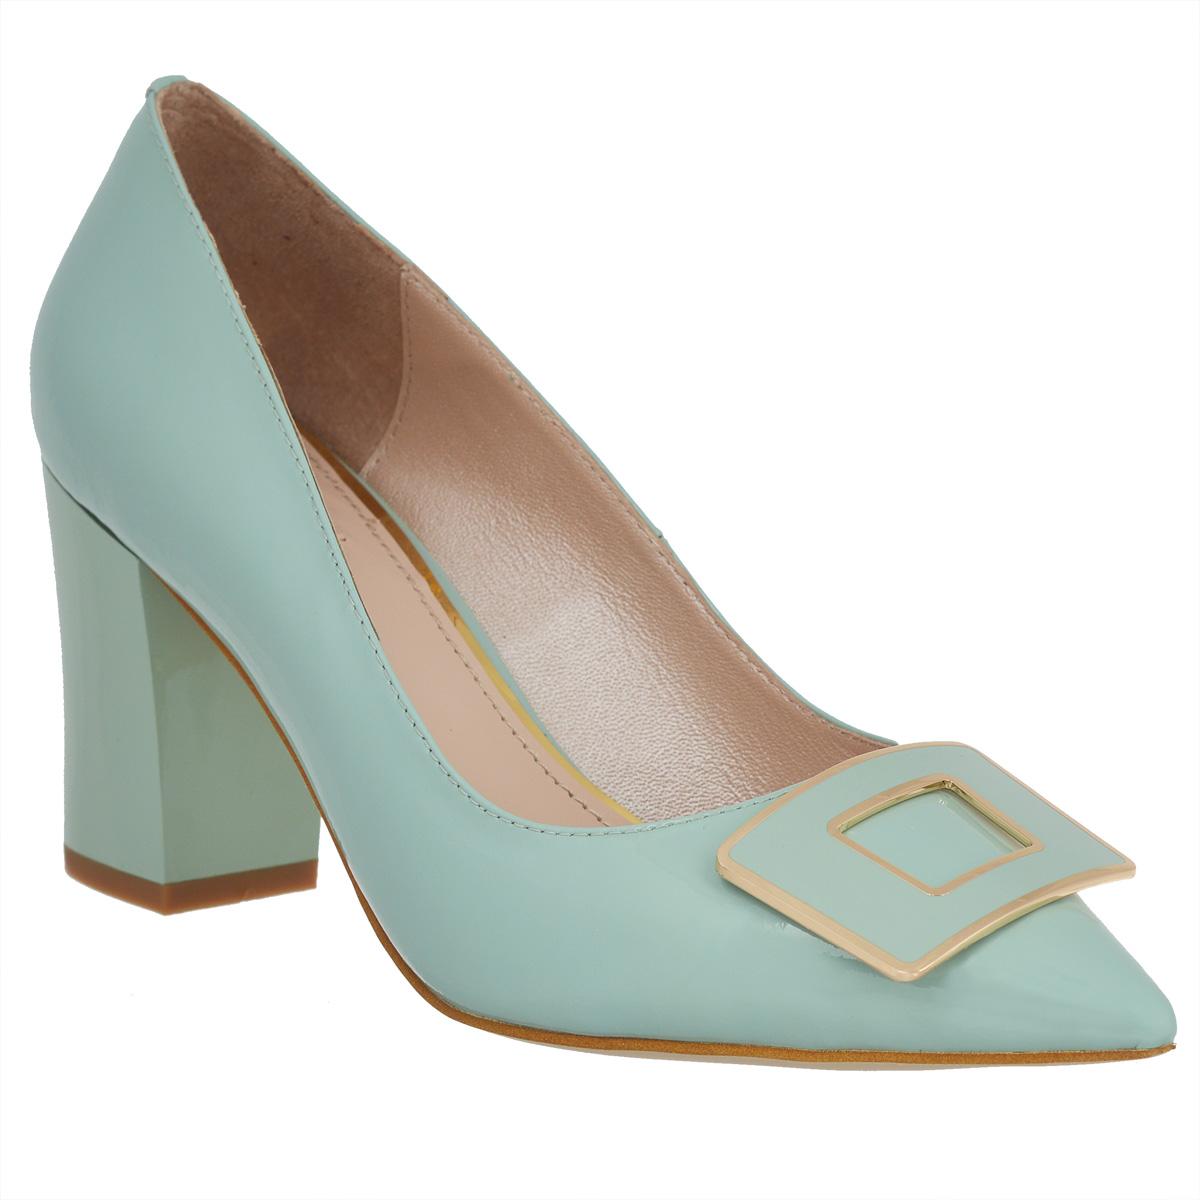 70128Изысканные женские туфли Vitacci займут достойное место среди вашей коллекции обуви. Модель изготовлена из лакированной натуральной кожи. Мыс изделия оформлен прямоугольным декоративным элементом из металла, стилизованным под пряжку. Зауженный носок добавит женственности в ваш образ. Стелька из натуральной кожи позволит ногам дышать. Умеренной высоты толстый каблук обеспечит комфорт при ходьбе. Каблук и подошва дополнены противоскользящим рифлением. Прелестные туфли покорят вас с первого взгляда.